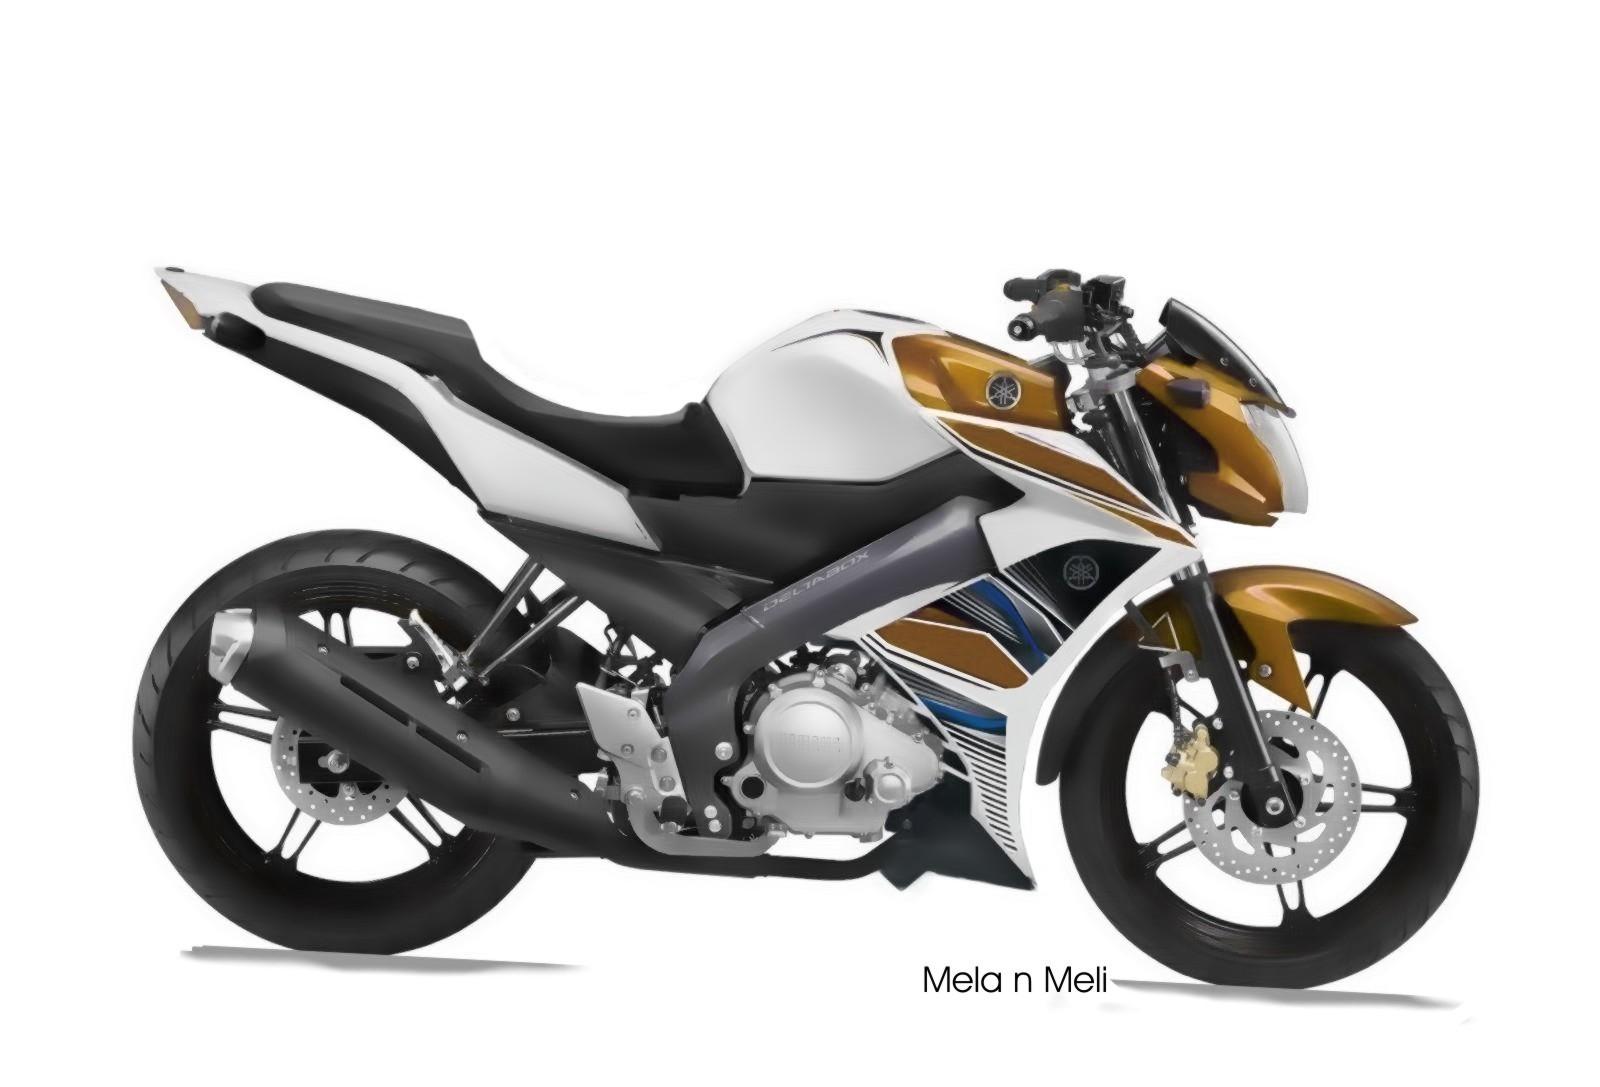 Modifikasi New Vixion Yamaha 2012 2013 By Jokoa1979 On